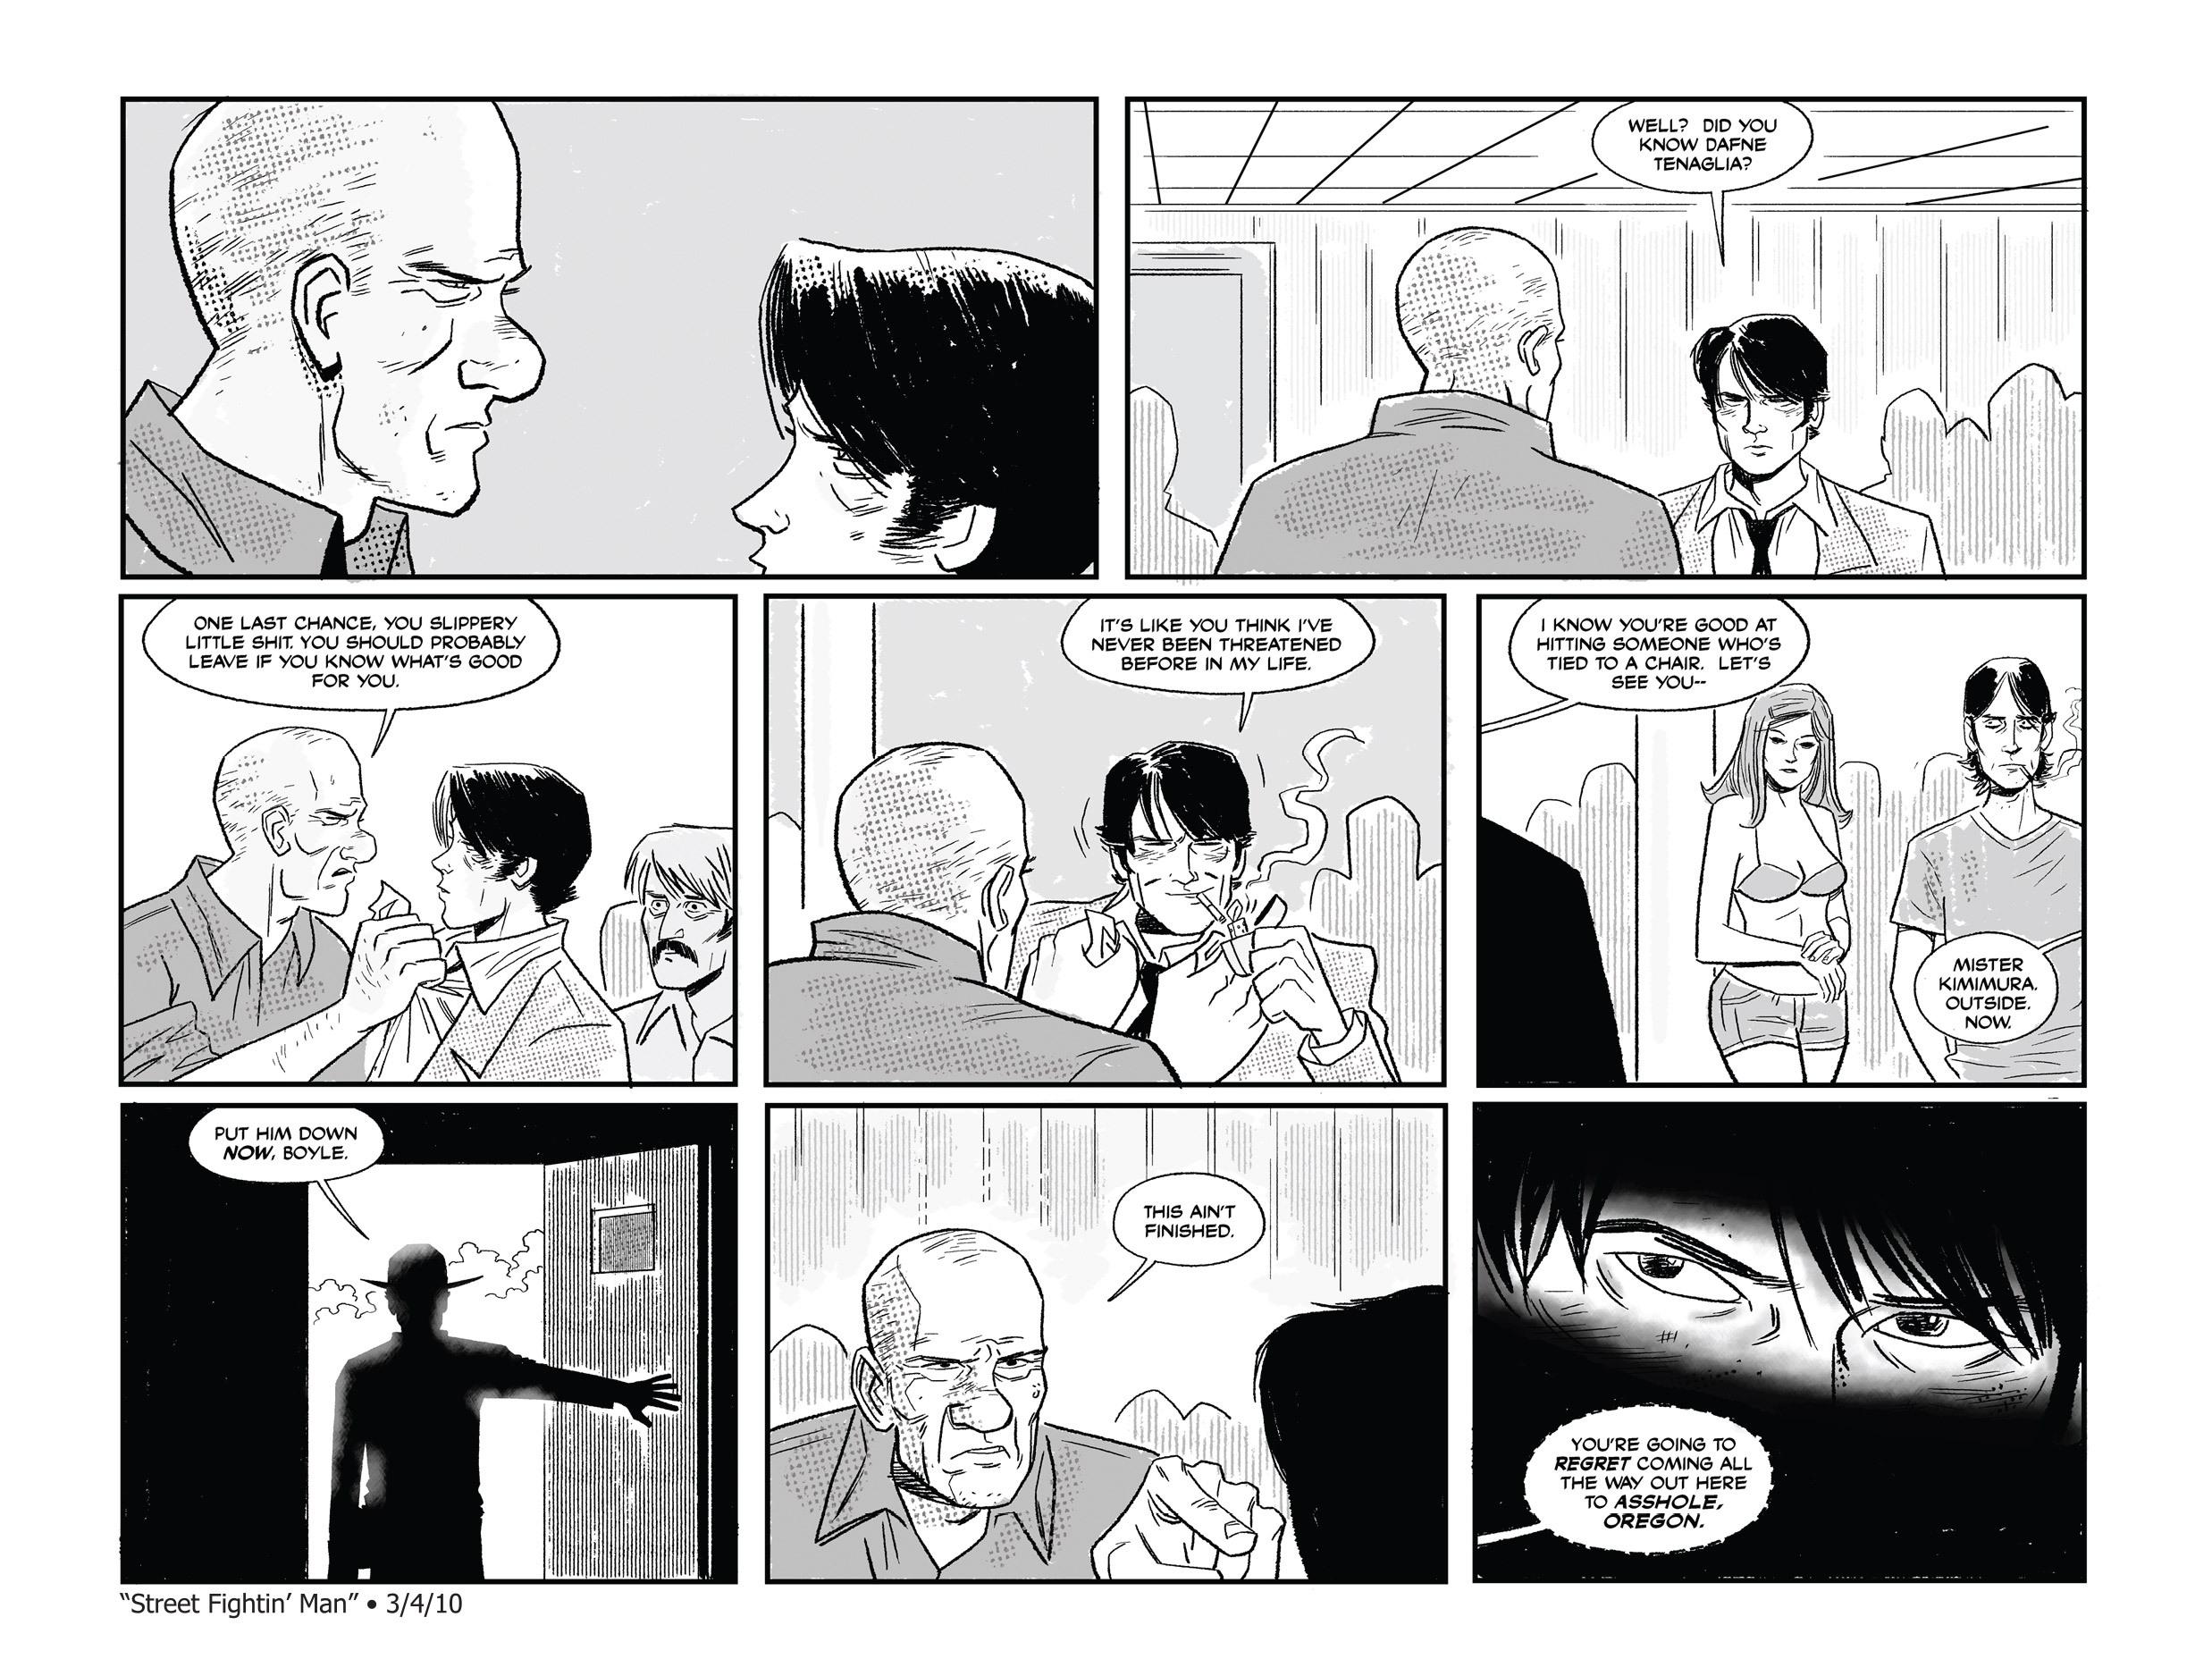 Read online She Died In Terrebonne comic -  Issue #2 - 12